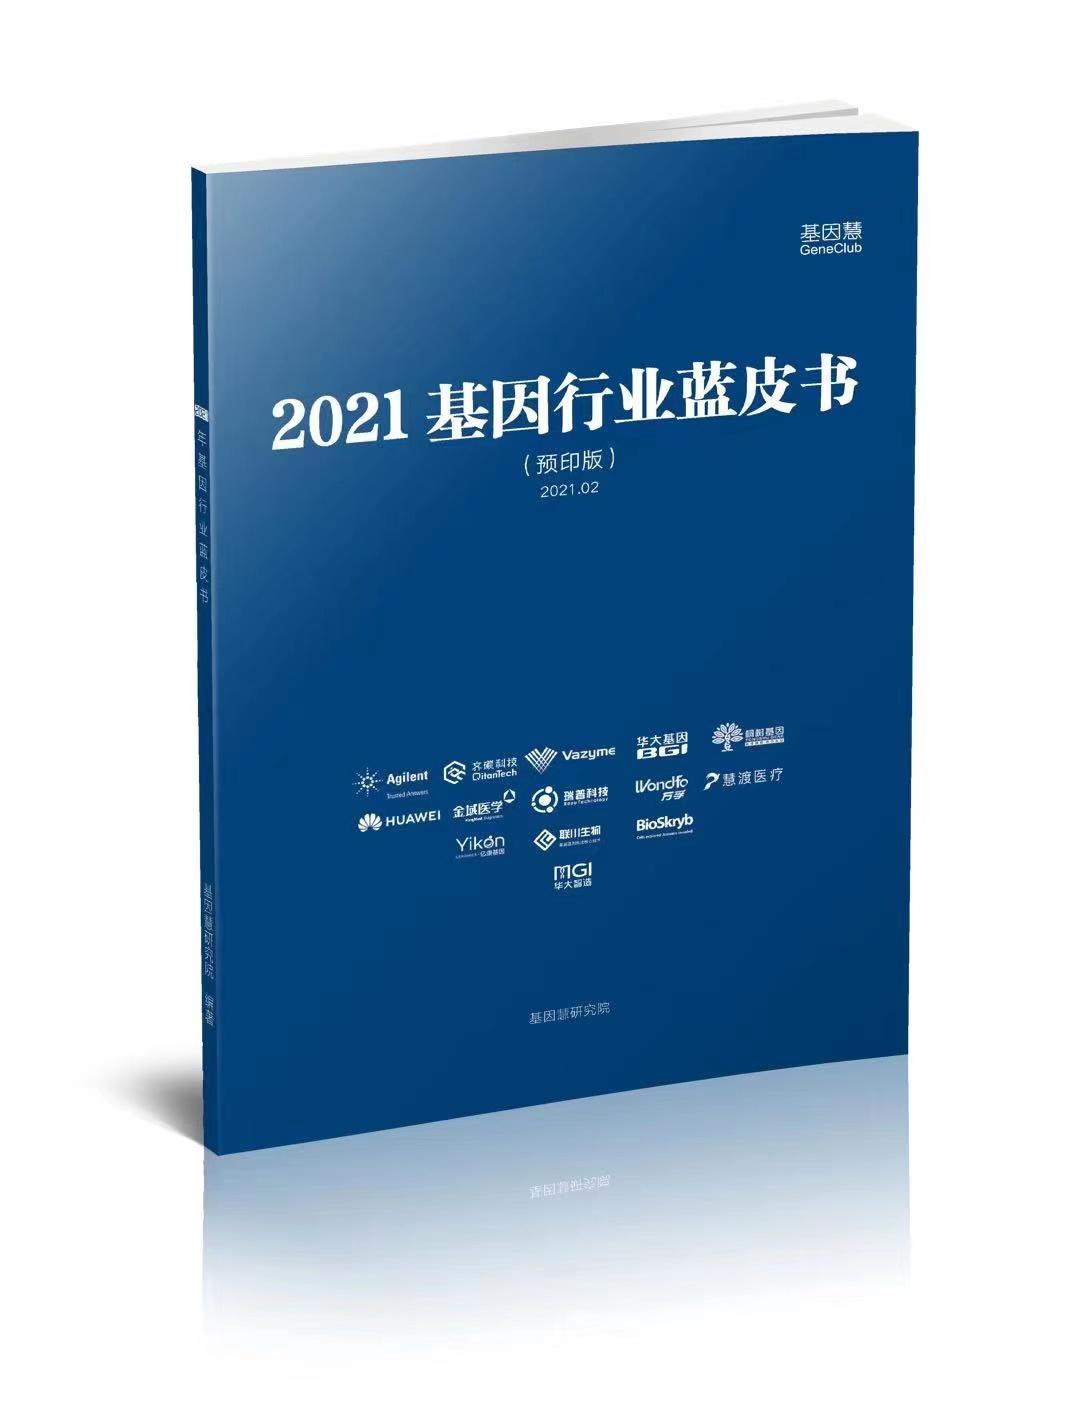 新华社:最新报告显示,我国基因行业正处在高速成长期